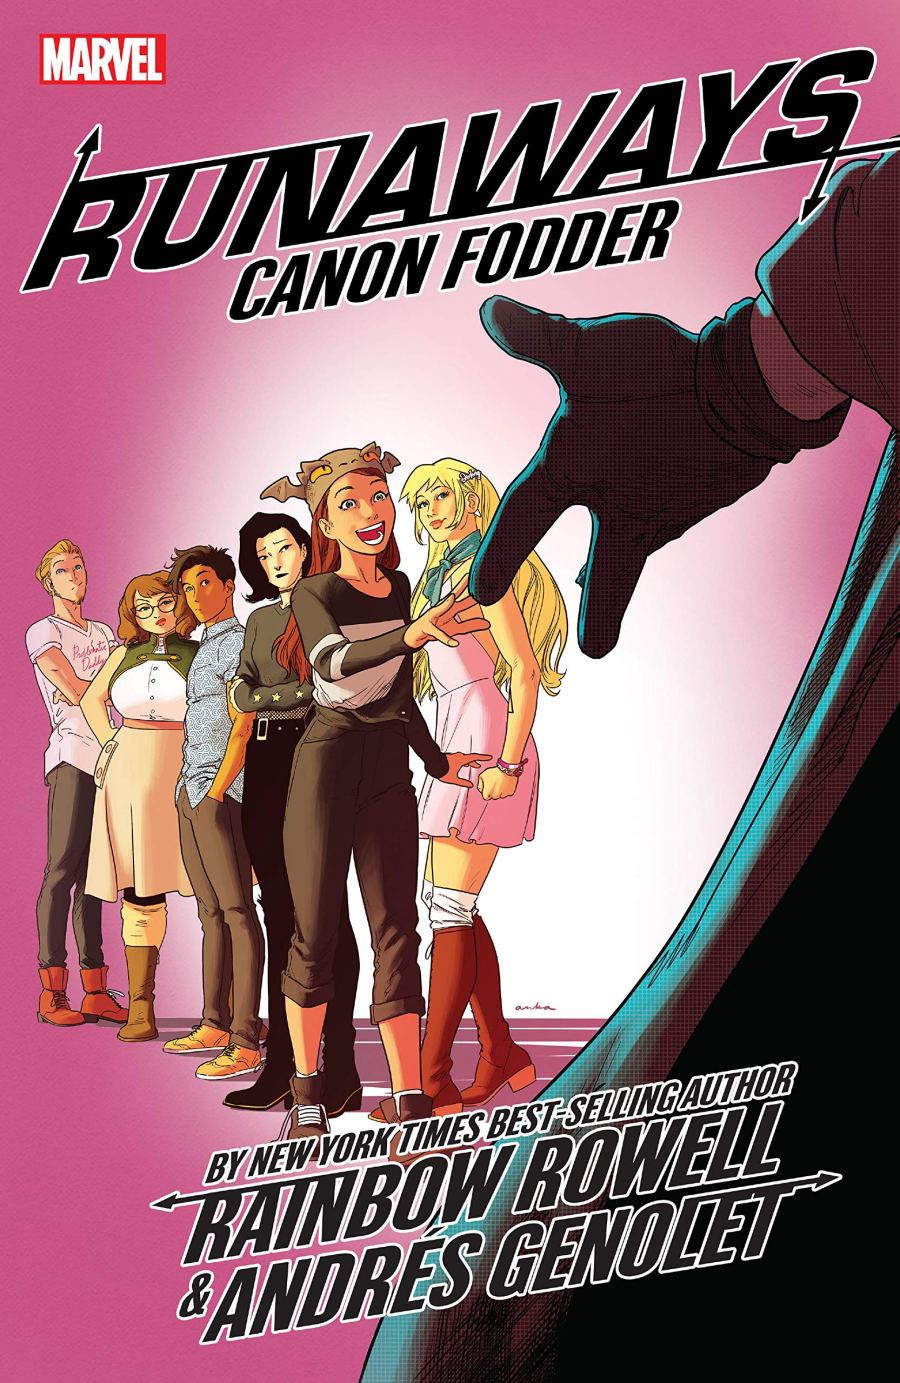 Runaways by Rainbow Rowell Vol. 5: Cannon Fodder: Canon Fodder (Runaways (2017-))